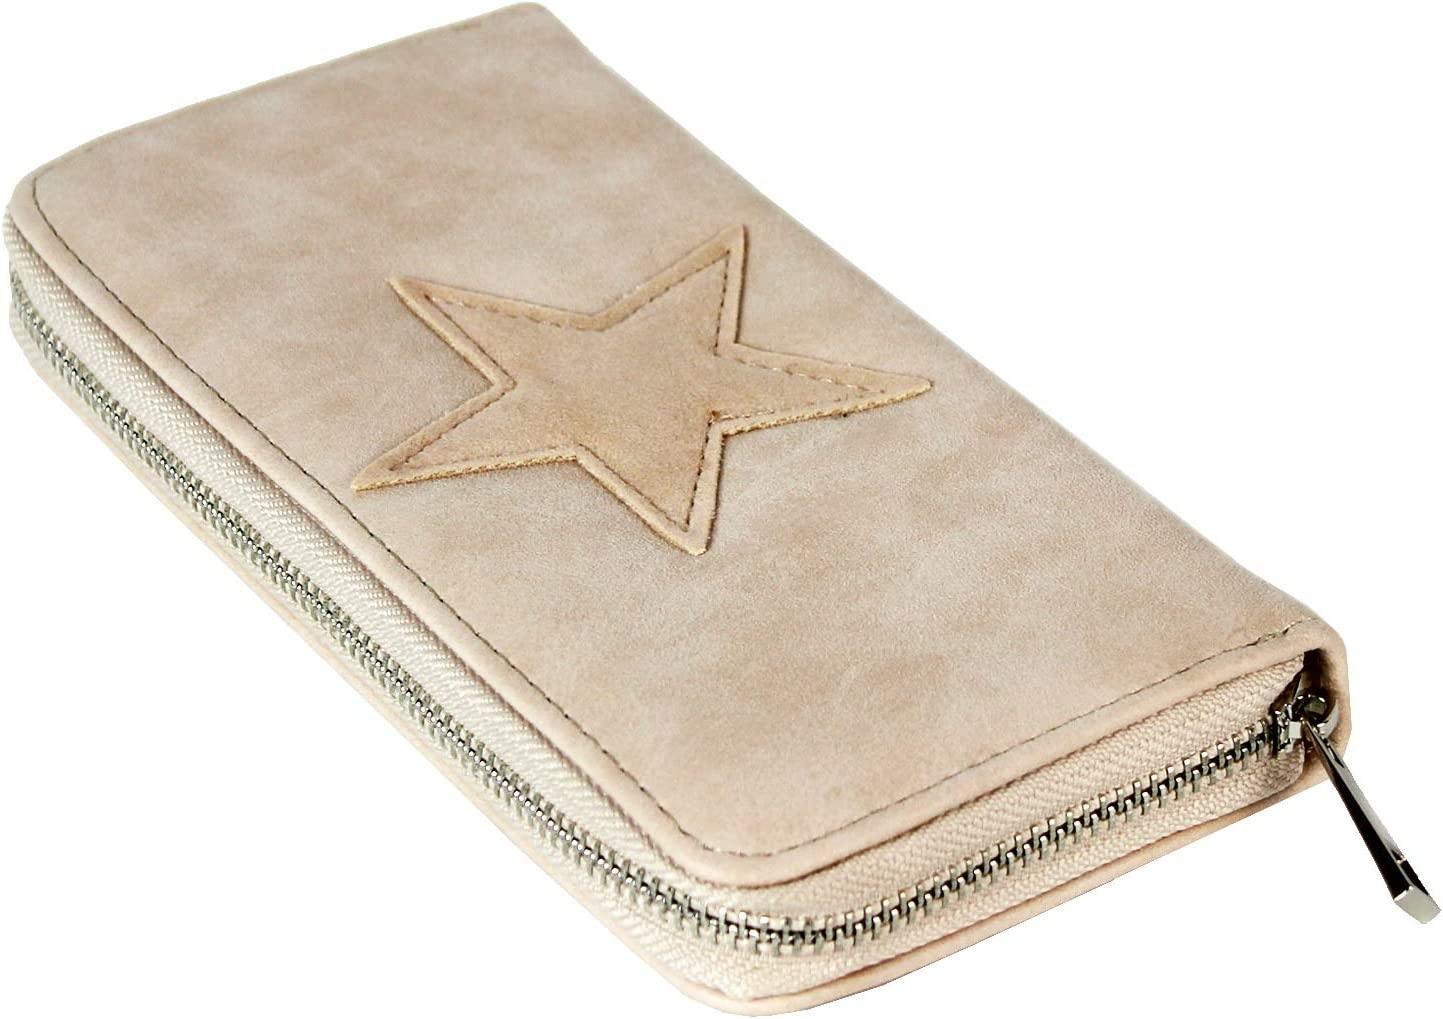 Gloop Geldb/örse mit Stern Muster Kunst Leder Portemonnaie Vintage Design Brieftasche Geldbeutel